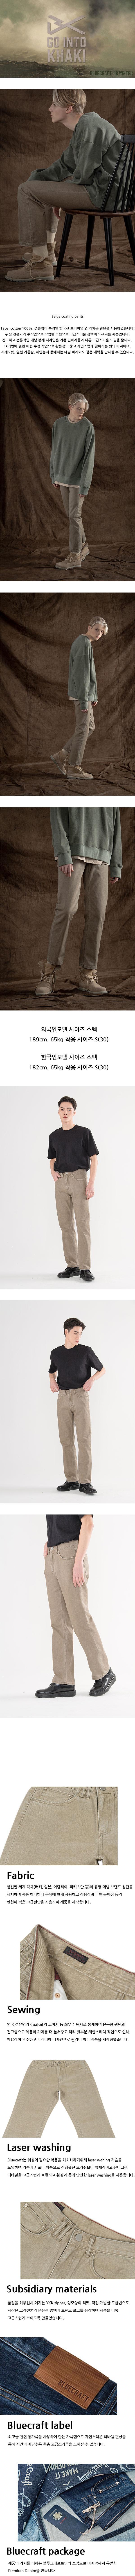 블루크래프트(BLUECRAFT) Beige coating pants